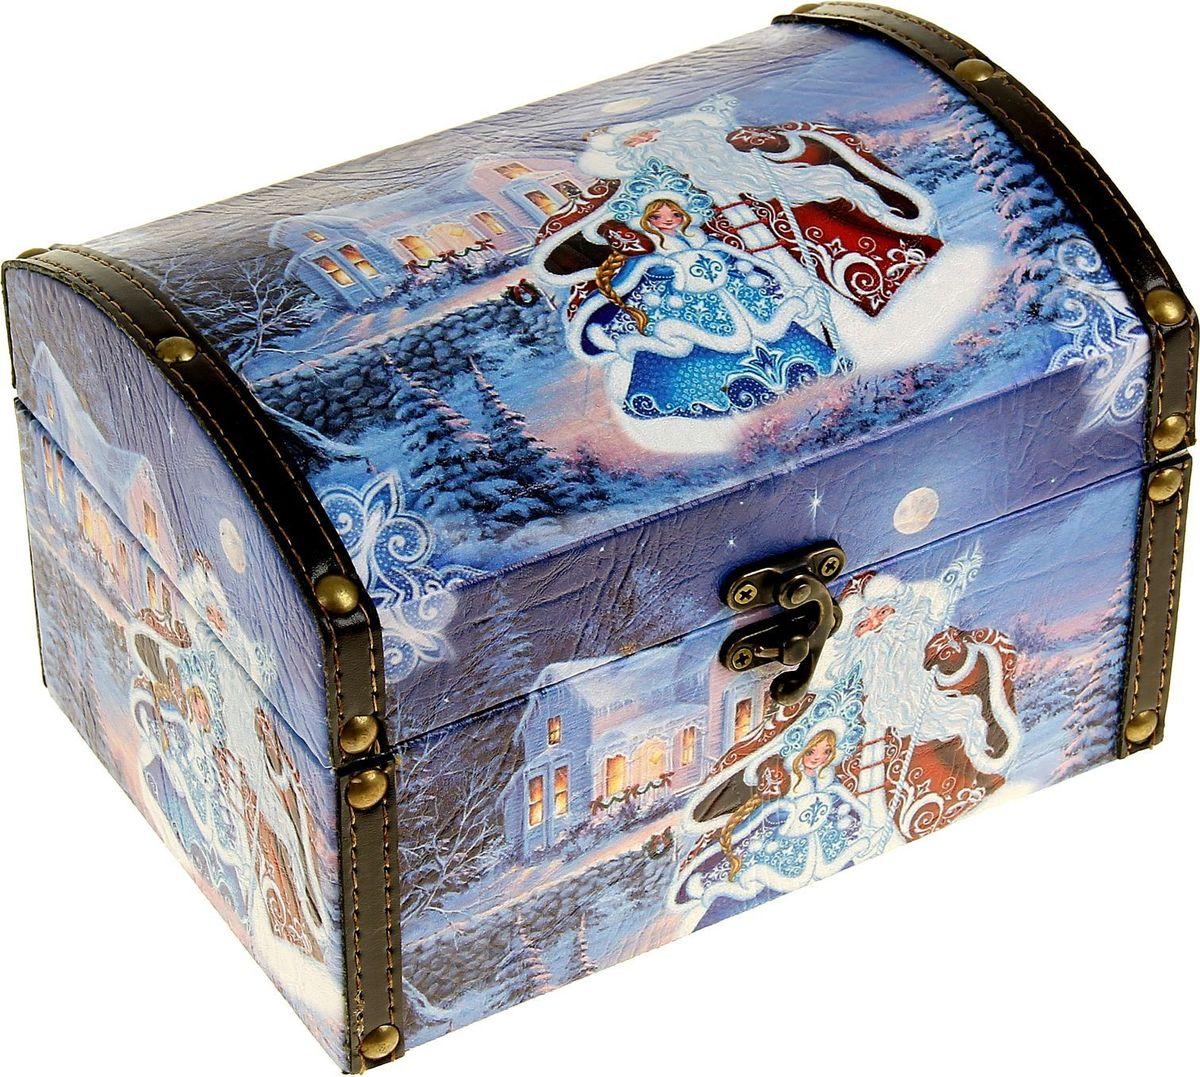 Шкатулка Sima-land Дед Мороз со Снегурочкой, цвет: синий, 20 х 14,5 х 14 см1053612Шкатулка — это небольшой сувенир, а также оригинальная упаковка подарка. Она дополнит интерьер спальни, гостиной или прихожей. Шкатулка выполнена из дерева в виде сундучка с покрытием из искусственной кожи. Изделие предназначено для хранения украшений: колец, браслетов, часов, цепочек, колье, сережек и прочих предметов.